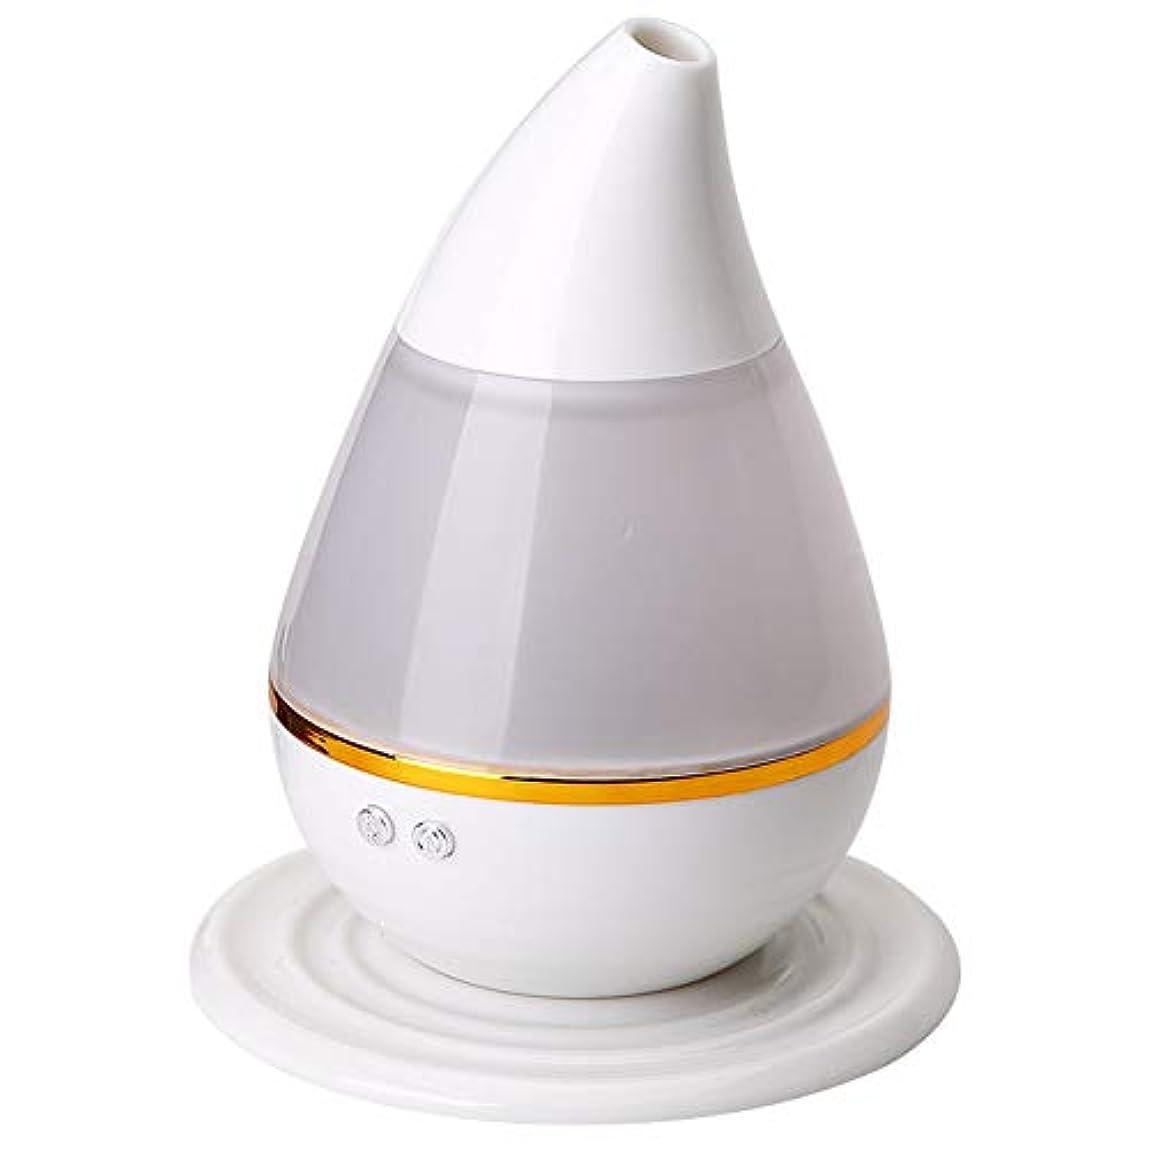 導出石化するローストエッセンシャル オイル ディフューザー, 涼しい霧の加湿器 7色LEDムードランプ そして 自動シャットオフ アロマディフューザー の ホーム オフィス Yoga 車-ホワイト 12x15cm